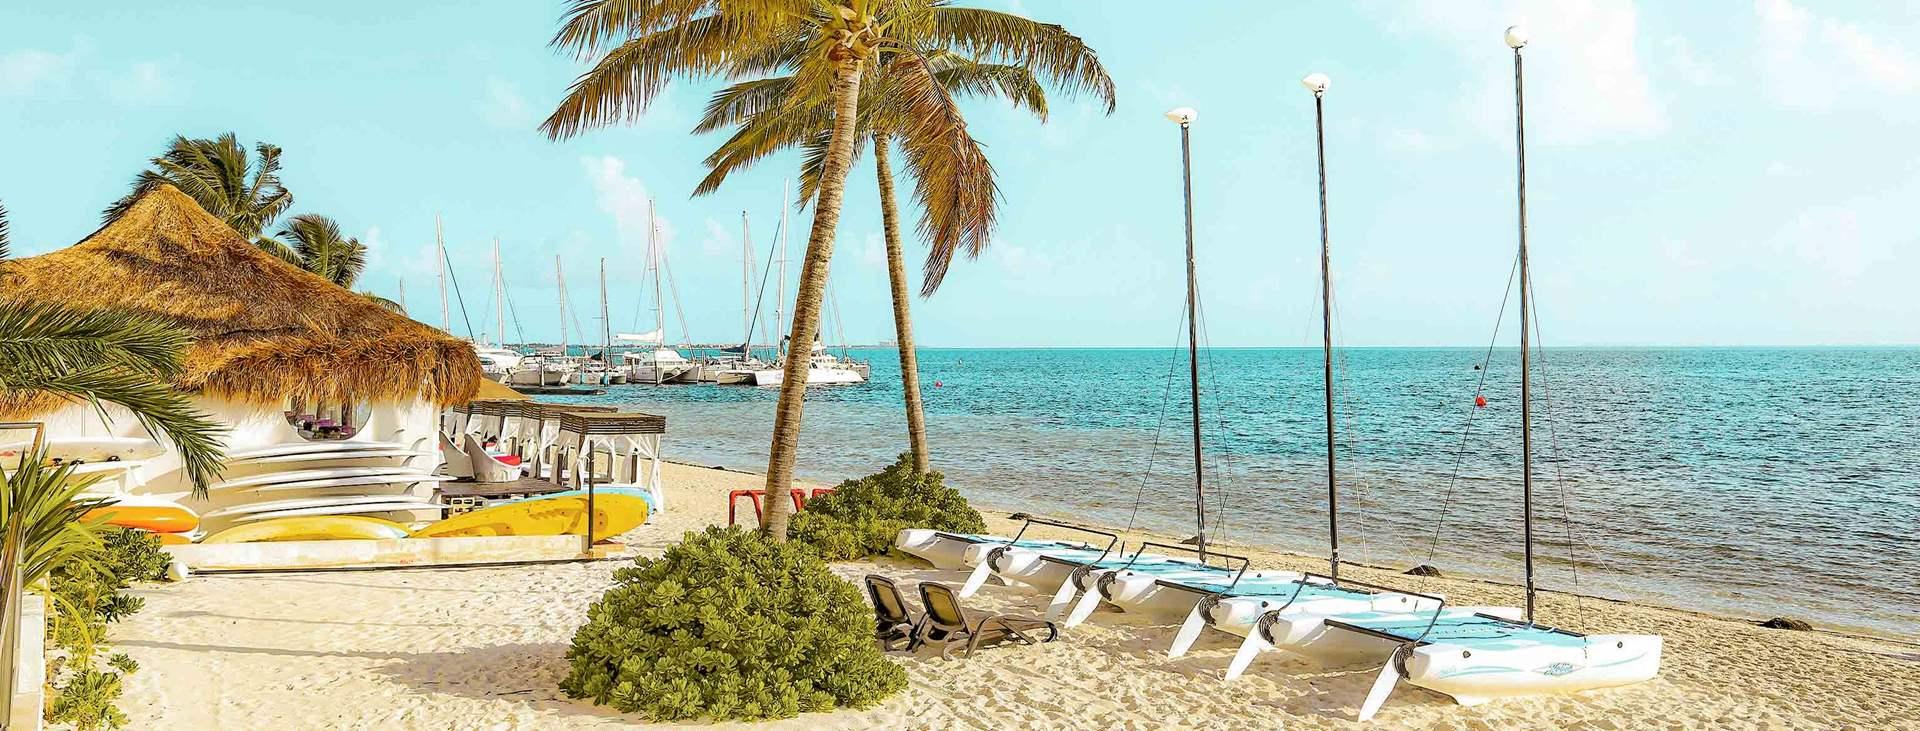 Varaa Tjäreborgilta All Inclusive -matkasi Cancúniin, Meksikoon